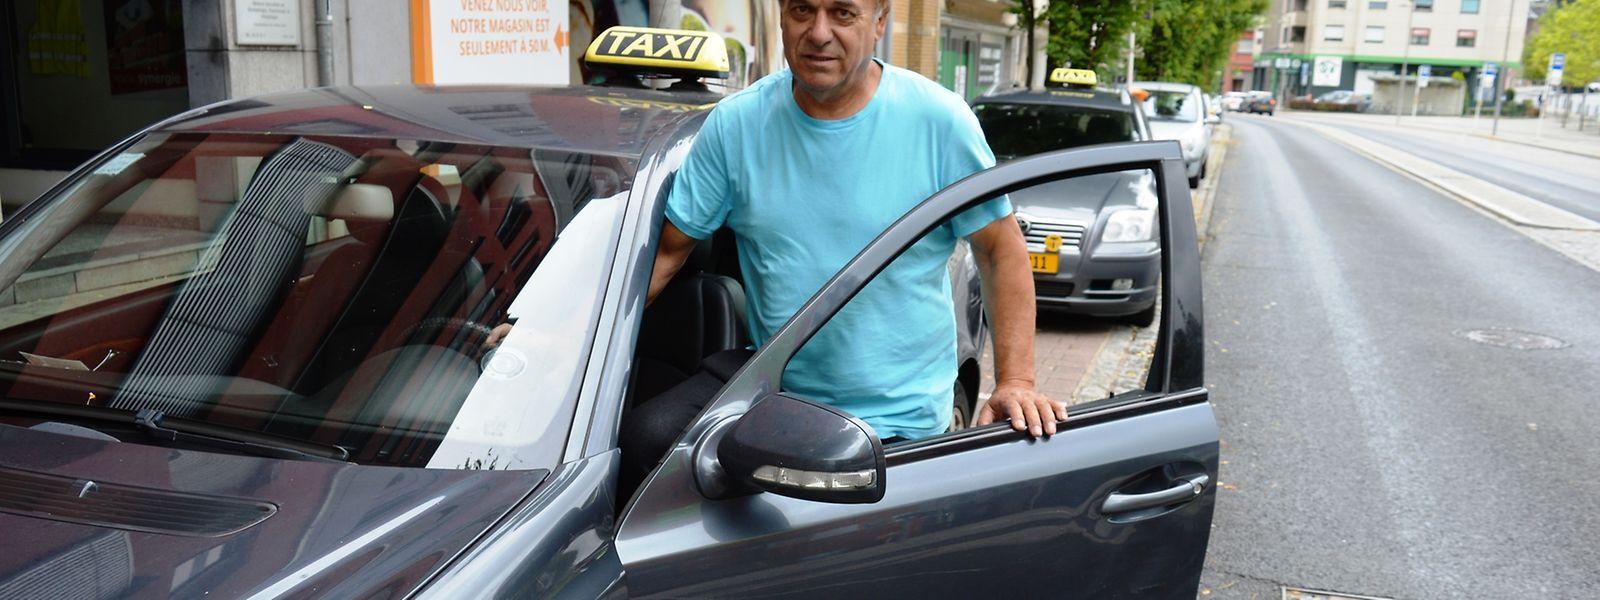 """""""Os ´pescadores´ (taxistas ilegais) continuam aí e são cada vez mais. São concorrência desleal a quem paga impostos e acabam por roubar o Estado"""", denuncia Aires Santos, da Taxis Morgado, em Esch-sur-Alzette"""